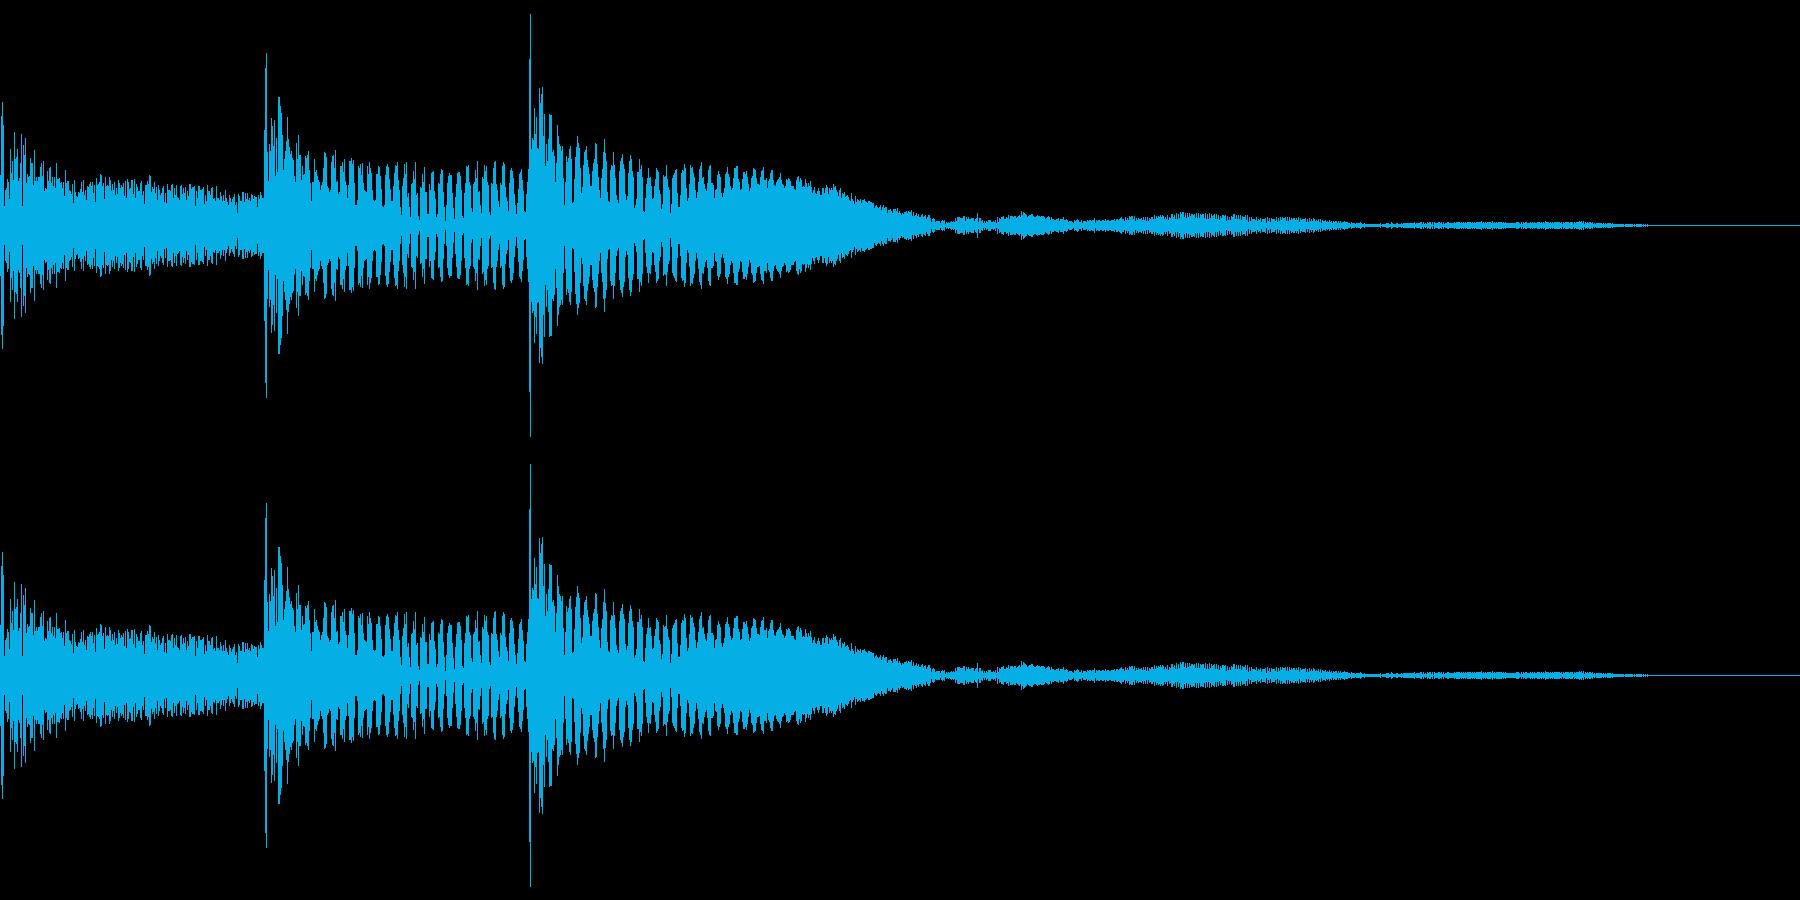 木琴で作った「決定」「選択」の効果音の再生済みの波形